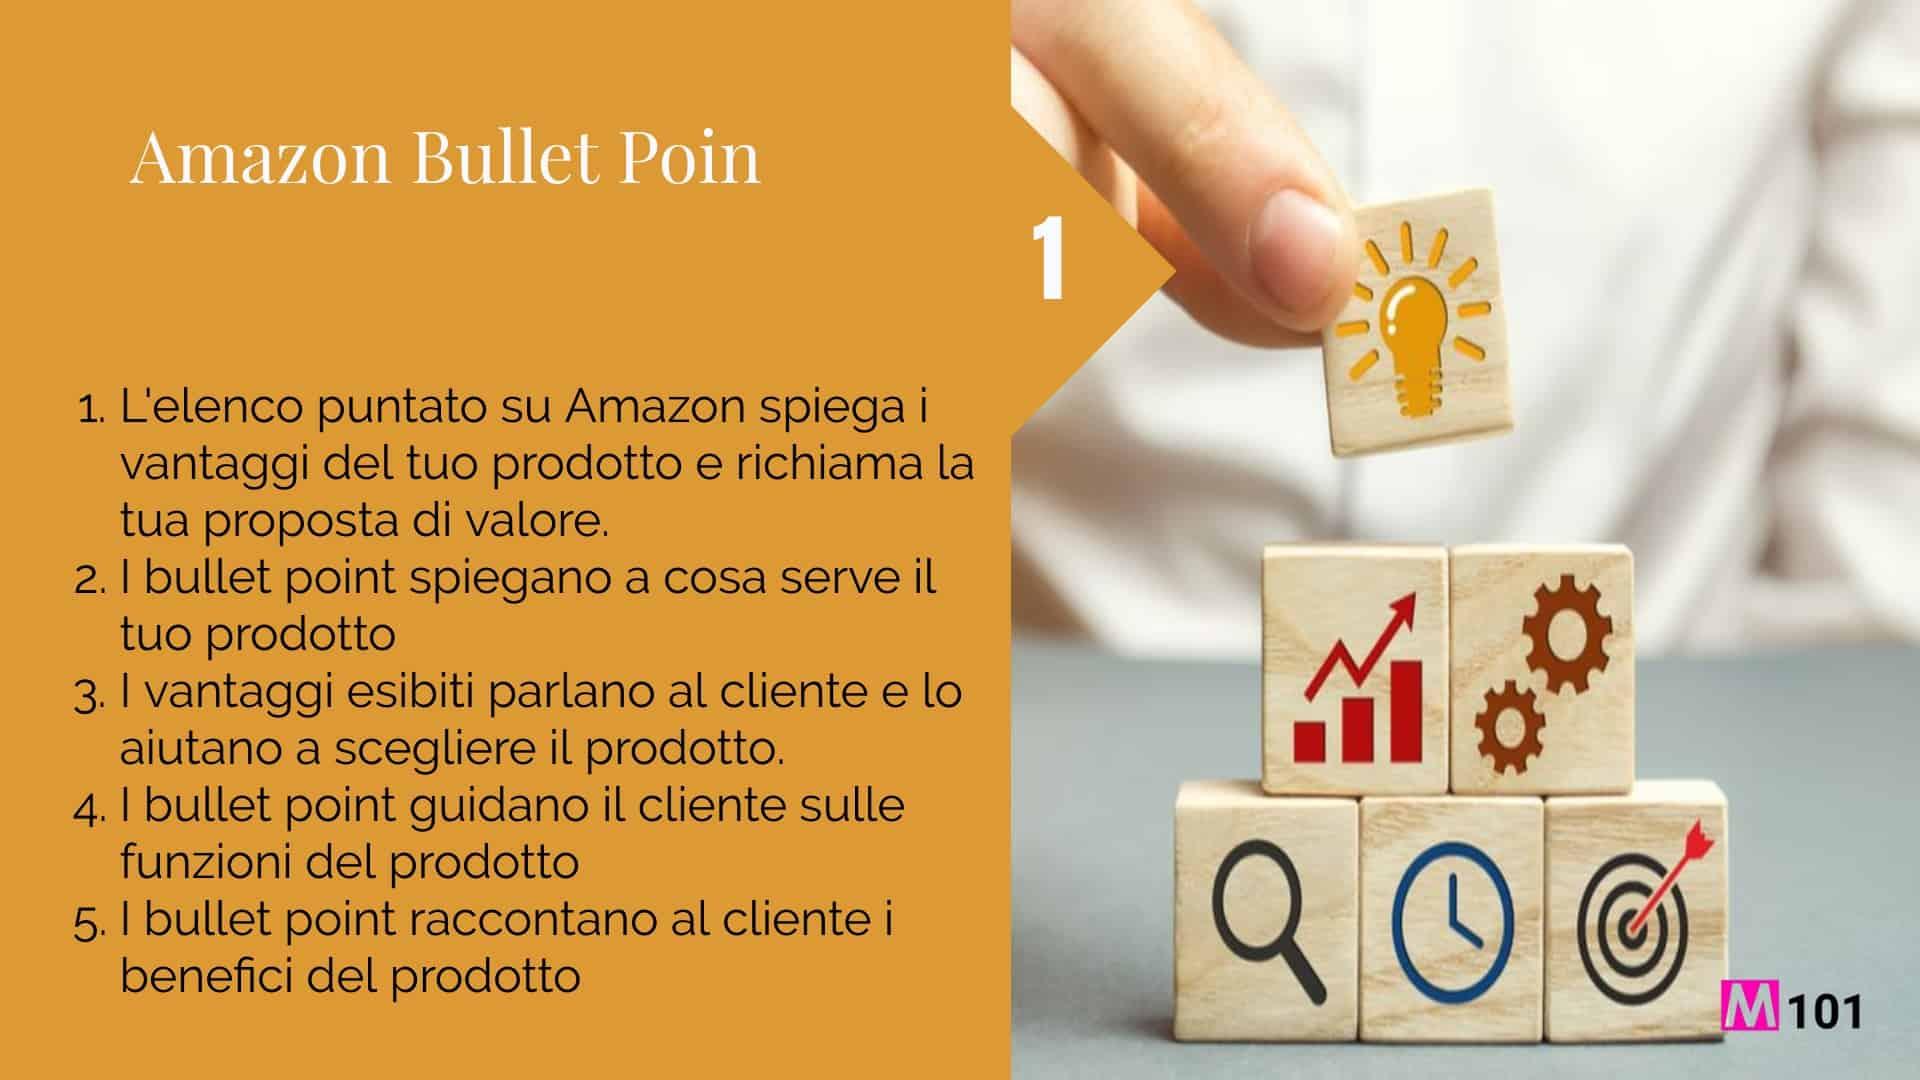 amazon-bullet-point